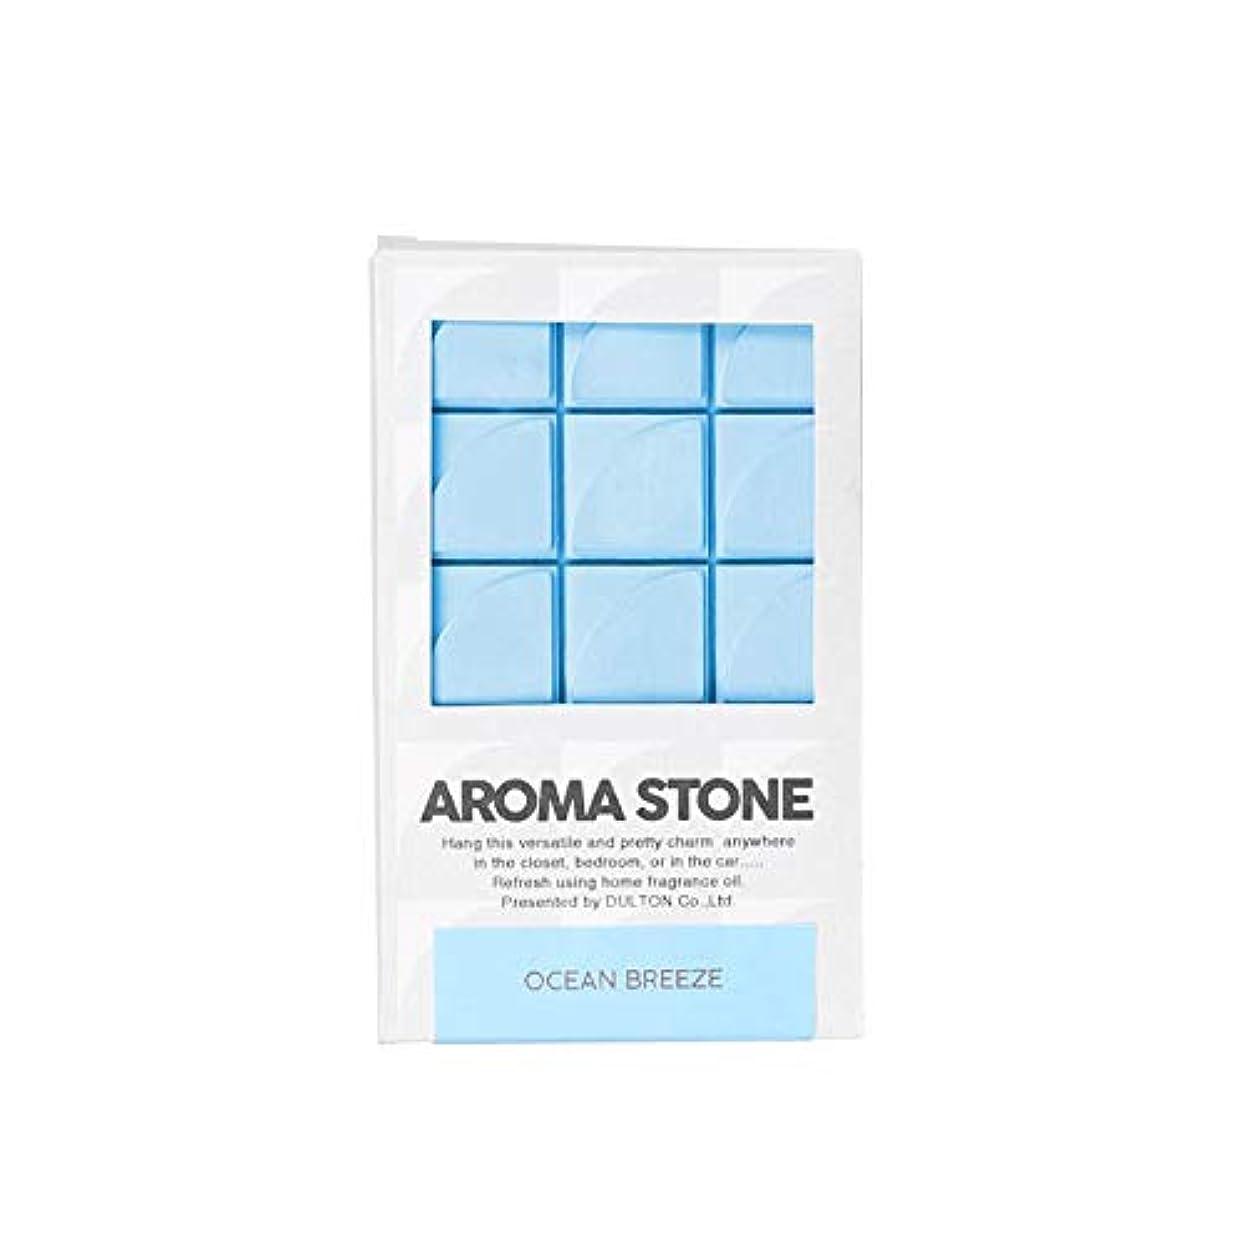 用心深いシール崩壊ダルトン Aroma stone アロマストーン G975-1268 Ocean breeze